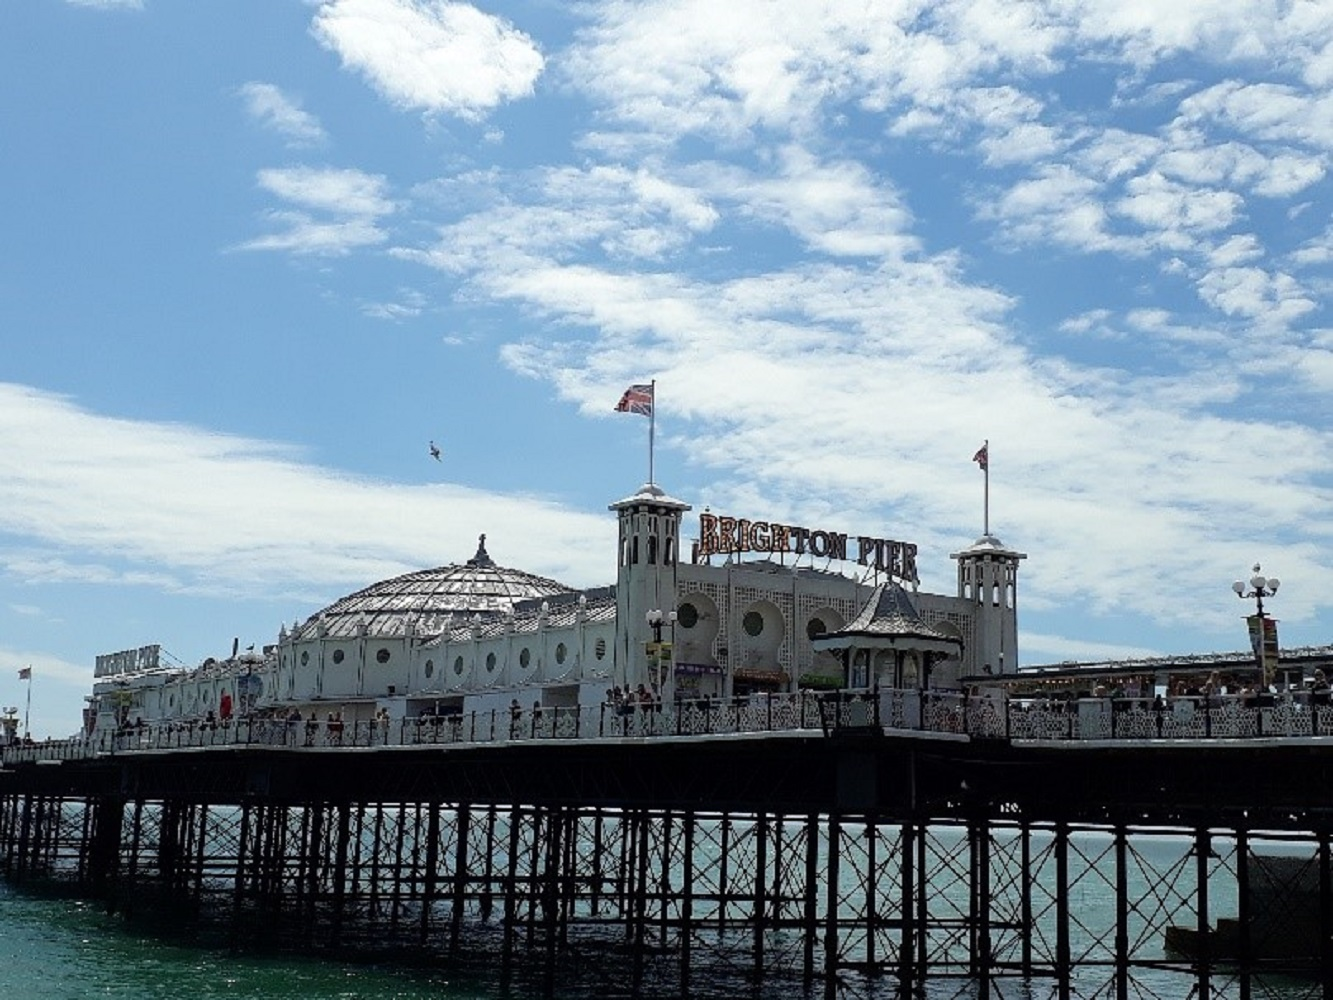 Mein Schiff Ausflugsziel: Die Brighton Pier im bekanntesten Seebad Großbritanniens